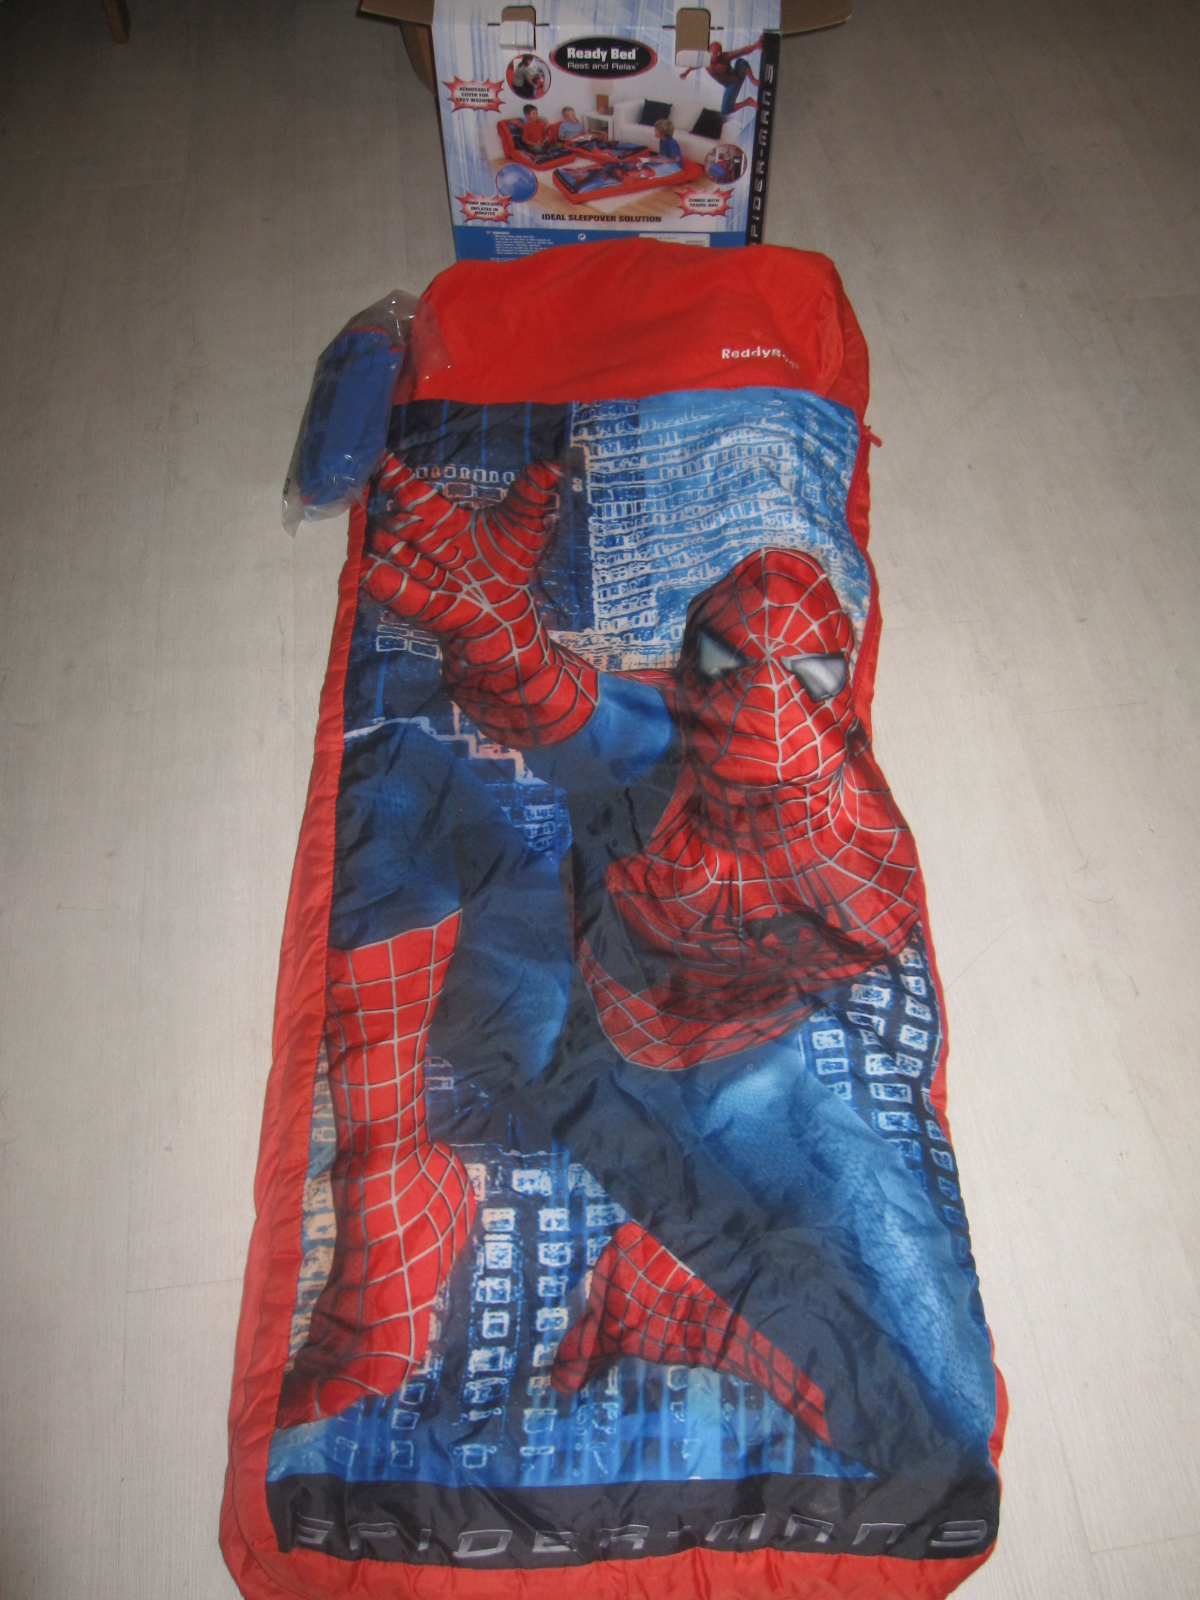 Ready bed sac de couchage avec matelas int gr aukazoo - Sac de couchage fille avec matelas integre ...